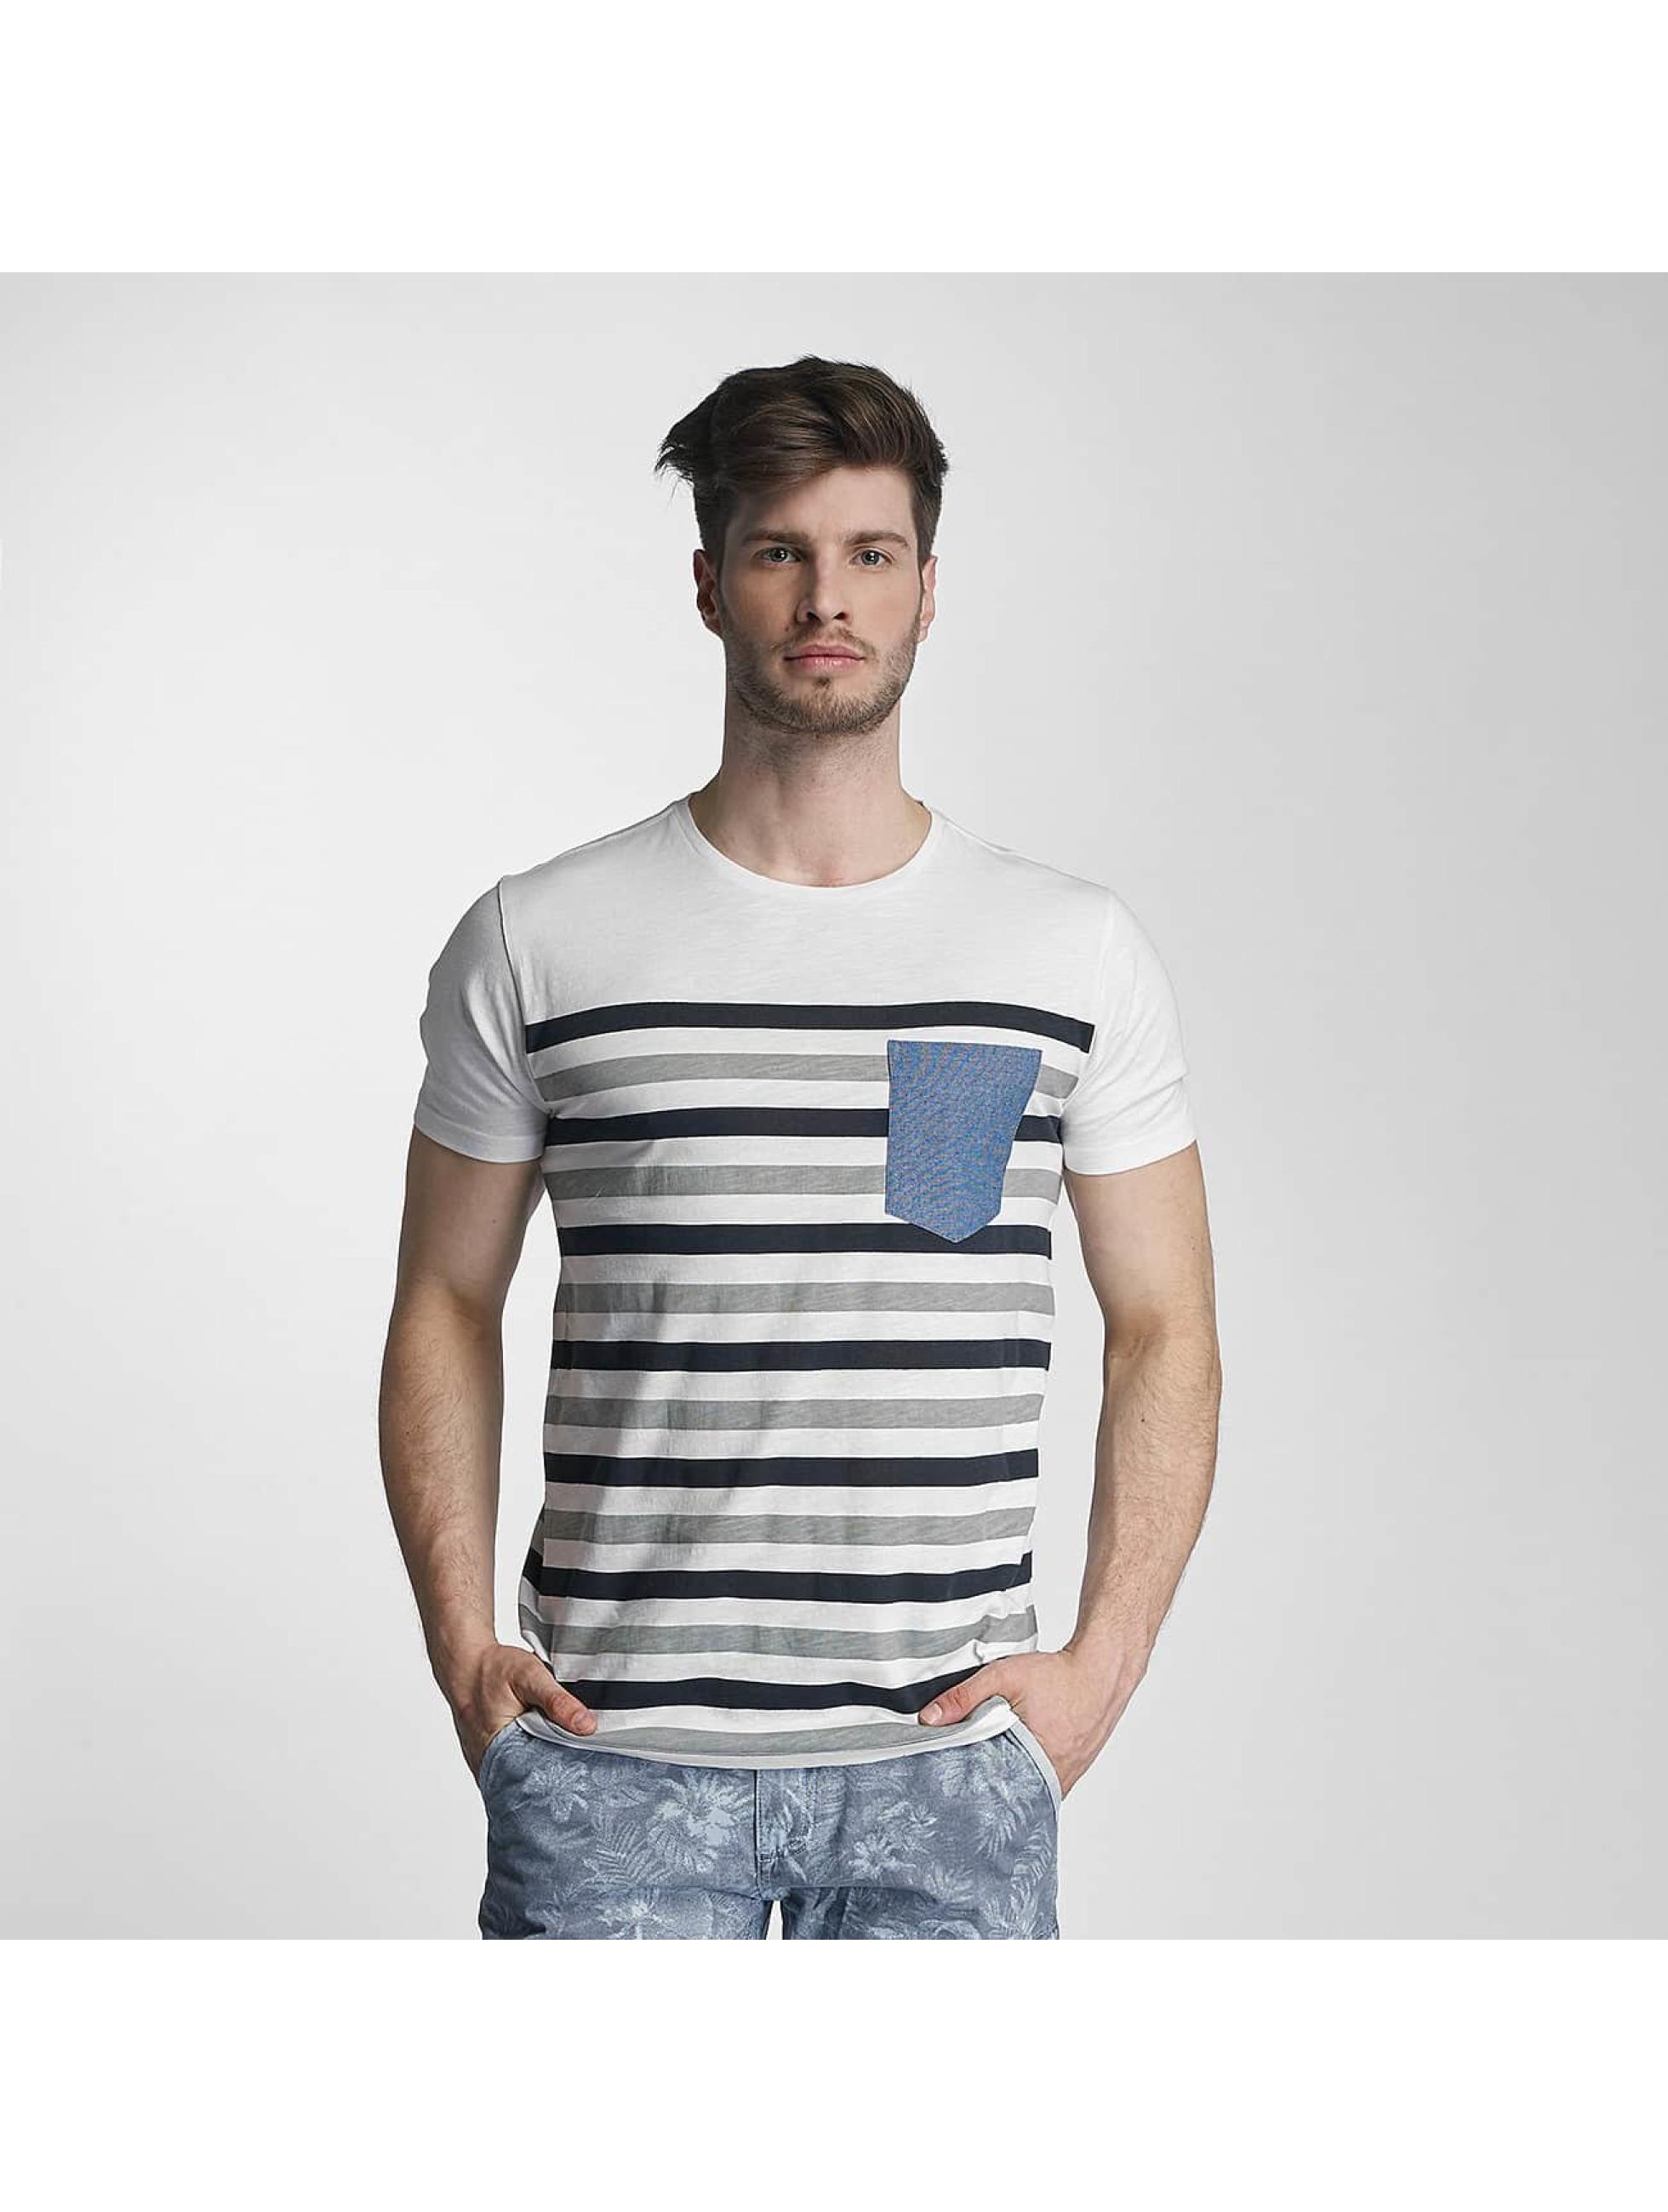 SHINE Original t-shirt Striped grijs